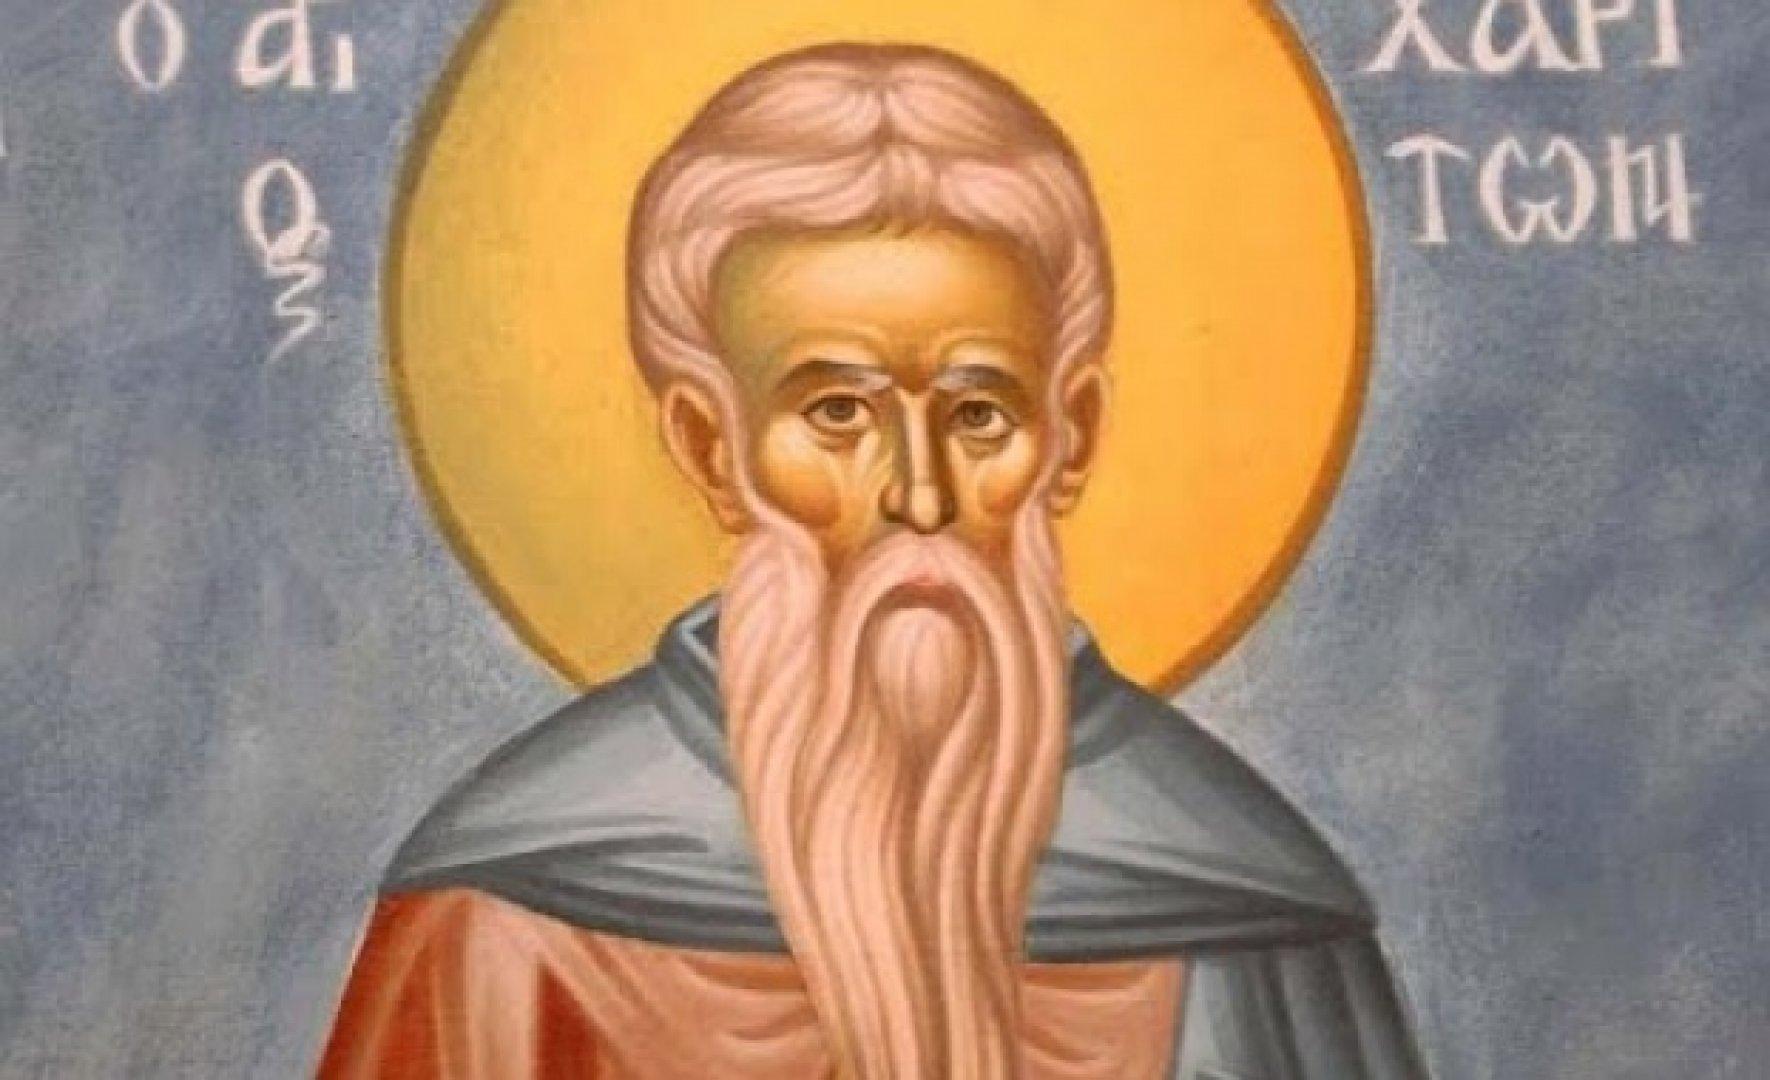 Свети Харитон, украсеният с рани Христов воин, се отрекъл от света и от всичко, което е в света; като взел кръста си, той умрял за света, но бил жив за Бога